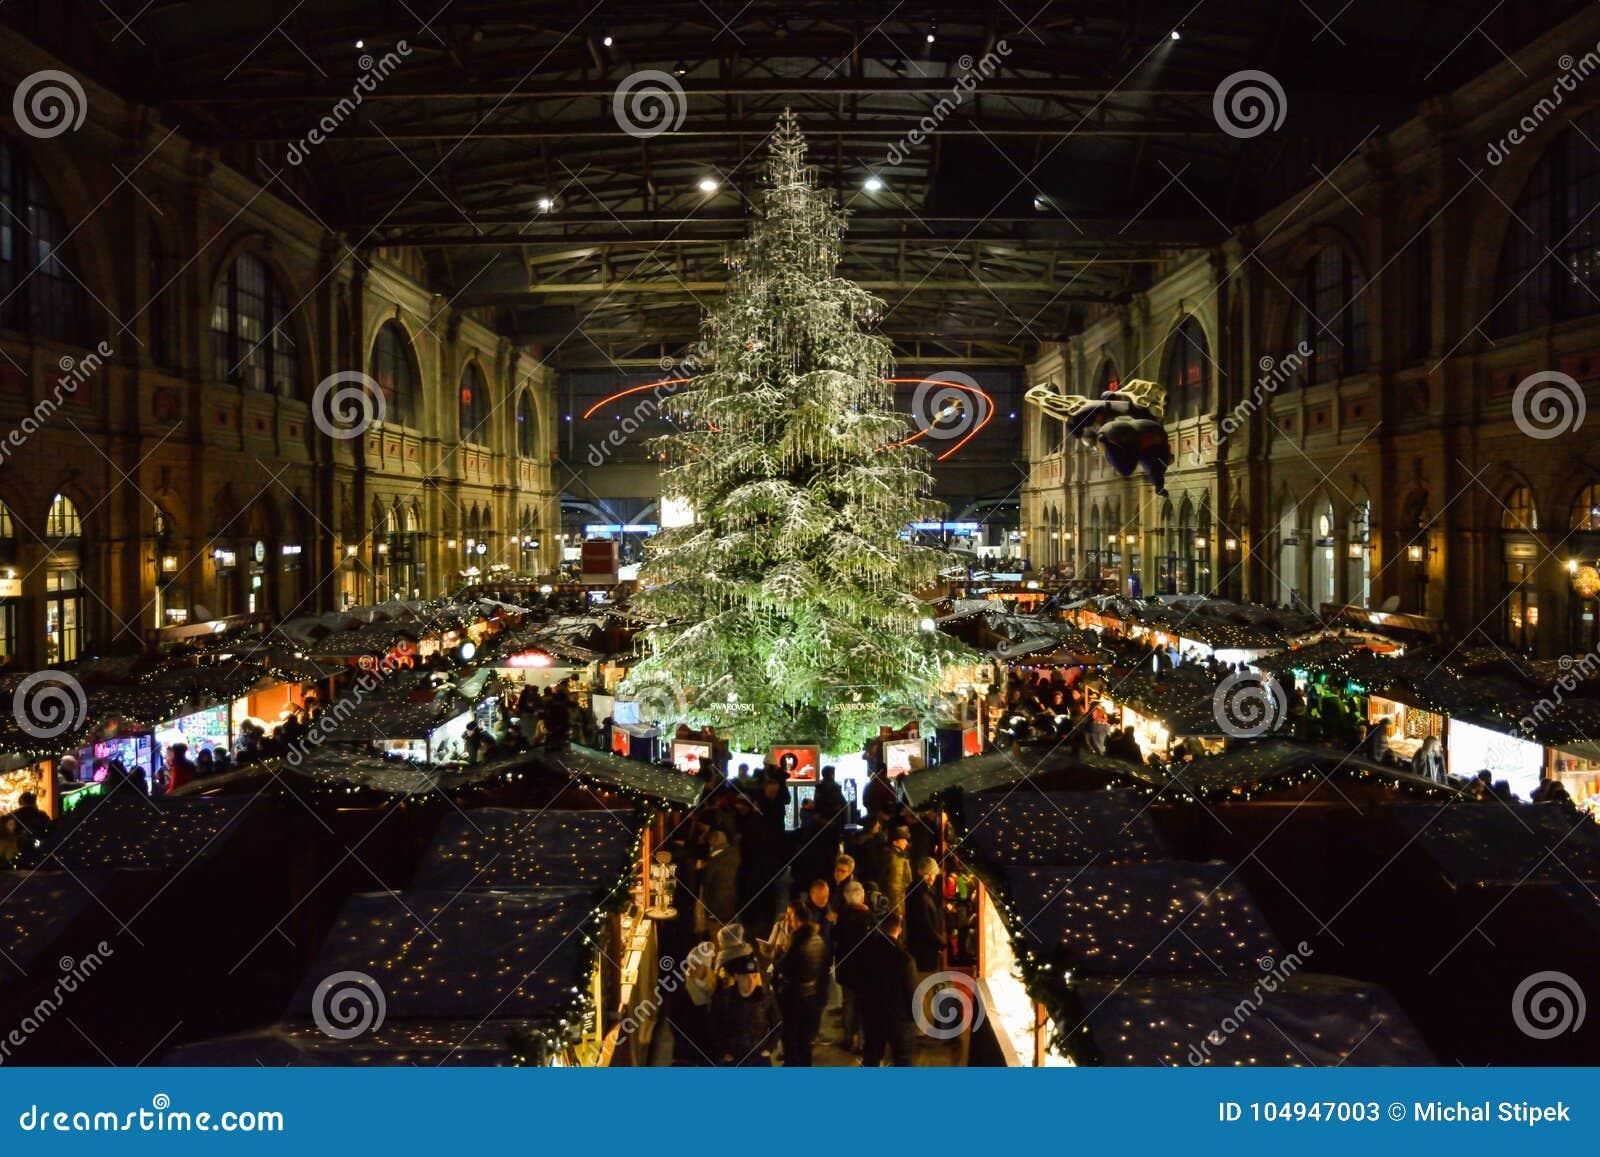 Weihnachtsmarkt Zürich.Traditioneller Weihnachtsbaum Auf Weihnachtsmarkt Auf Zürich Haupttr